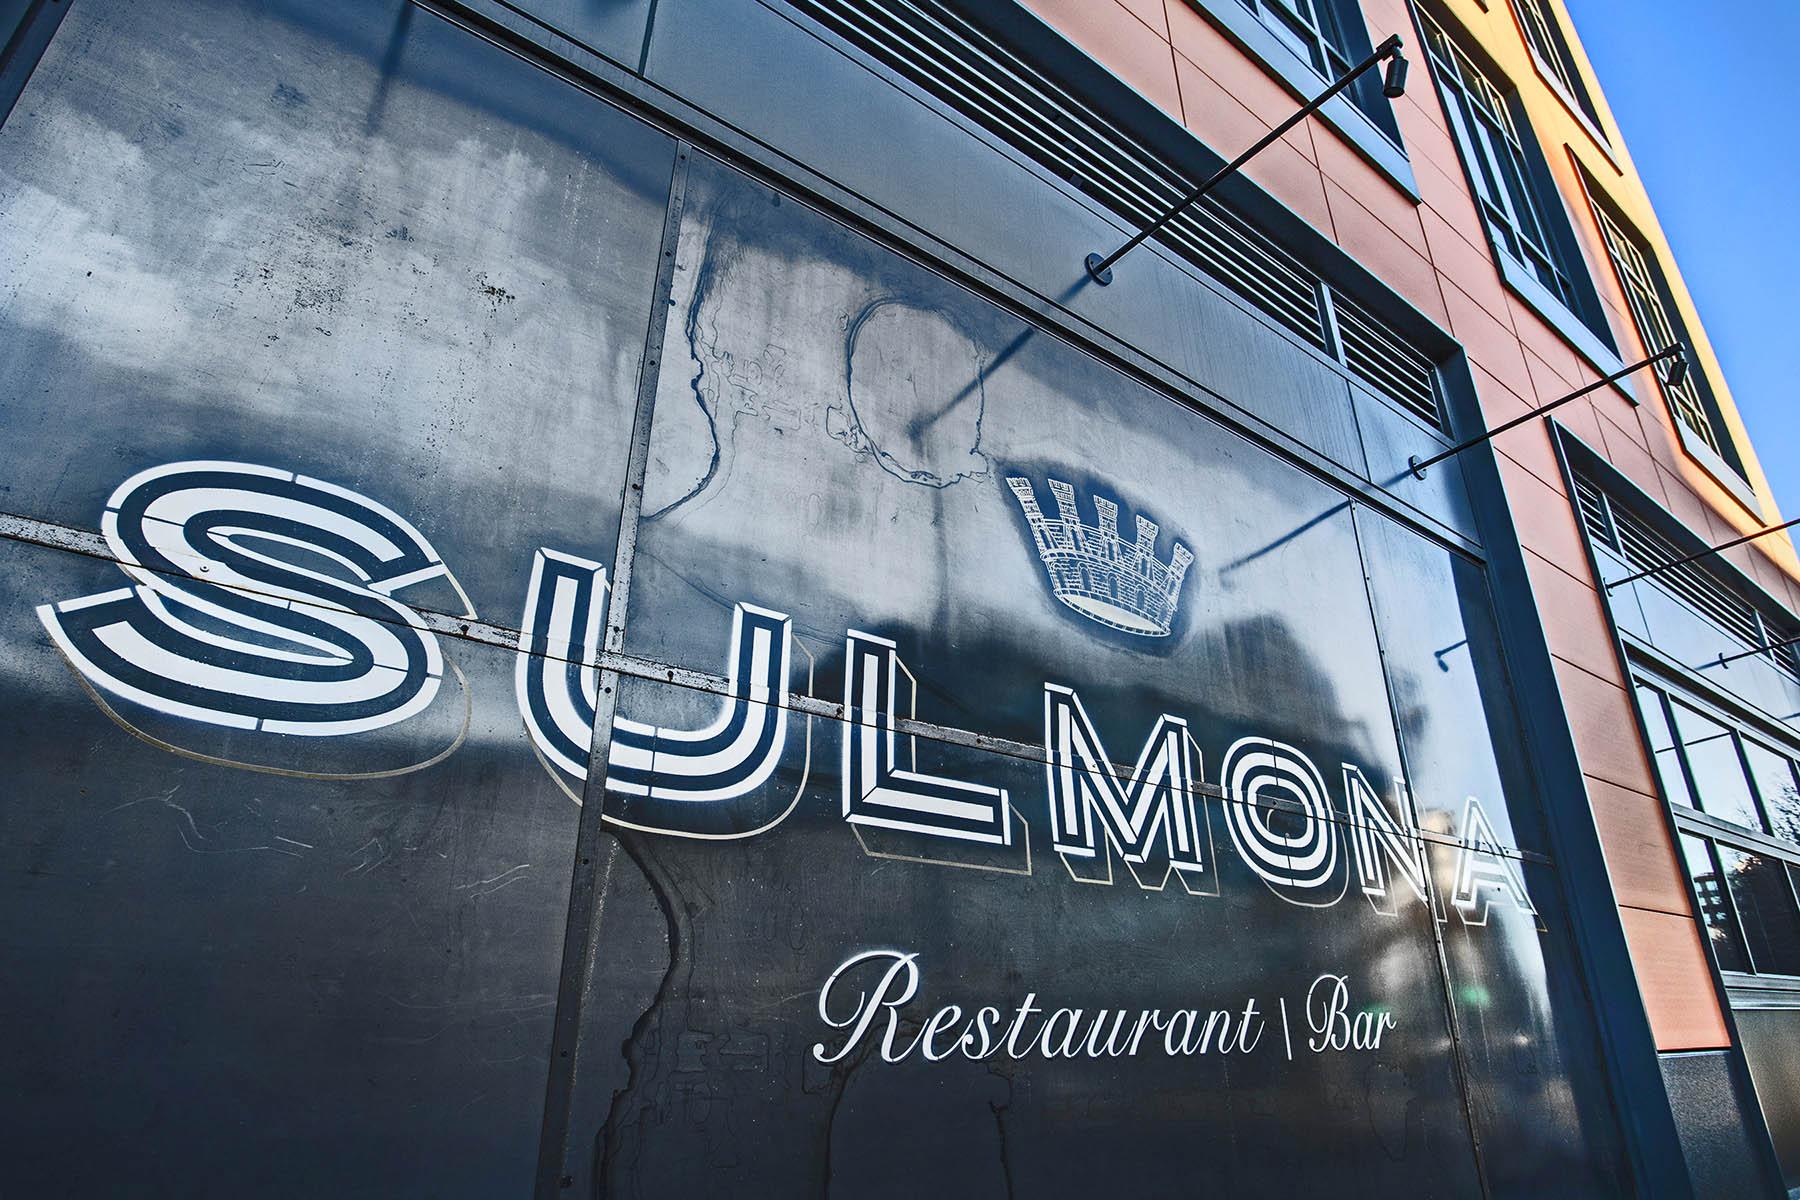 Sulmona Ristorante - Kendall Square - Cambridge MA